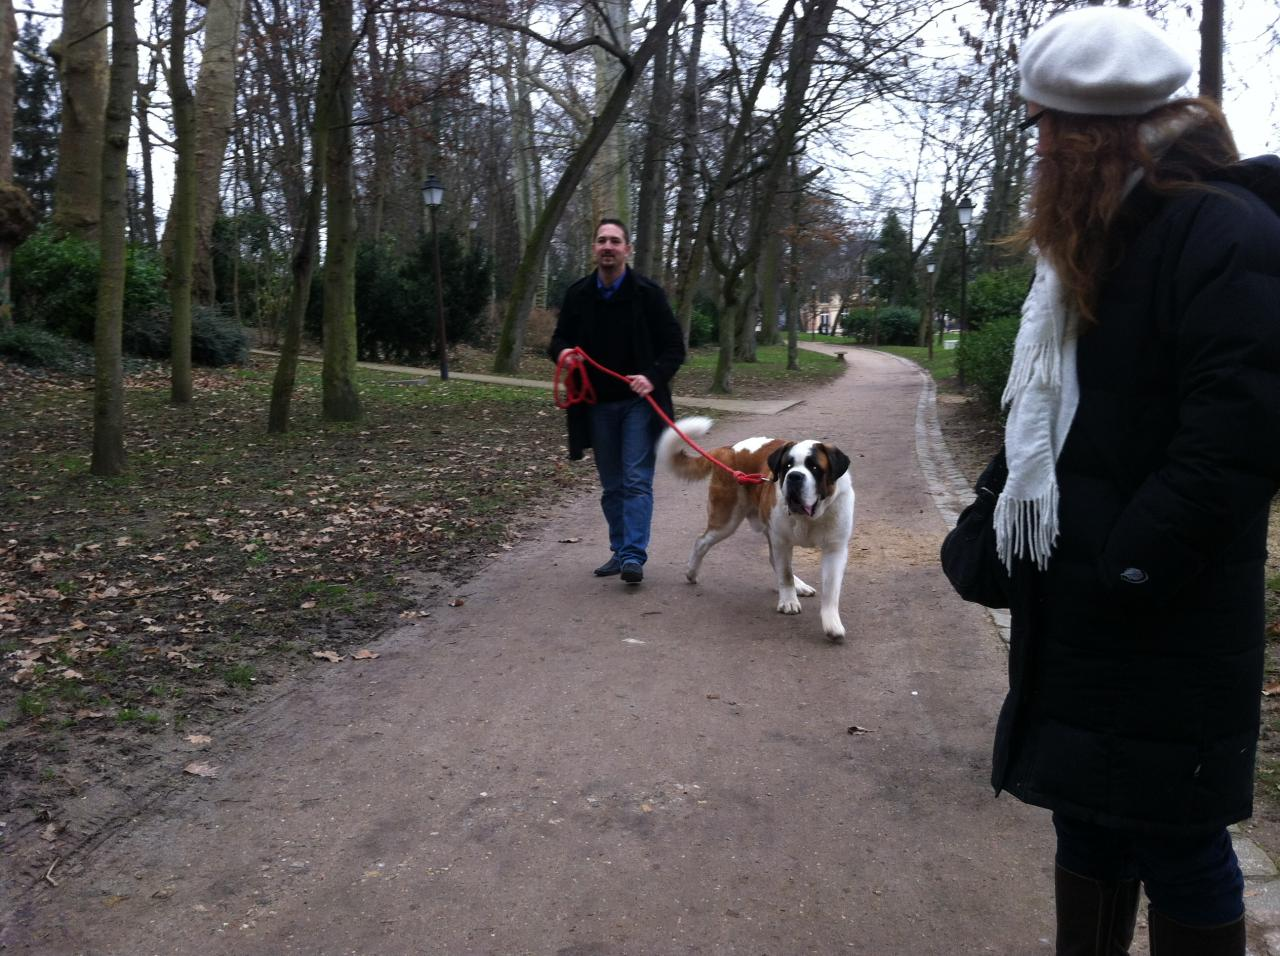 Saint Bernard de 1 an exercice dans un parc